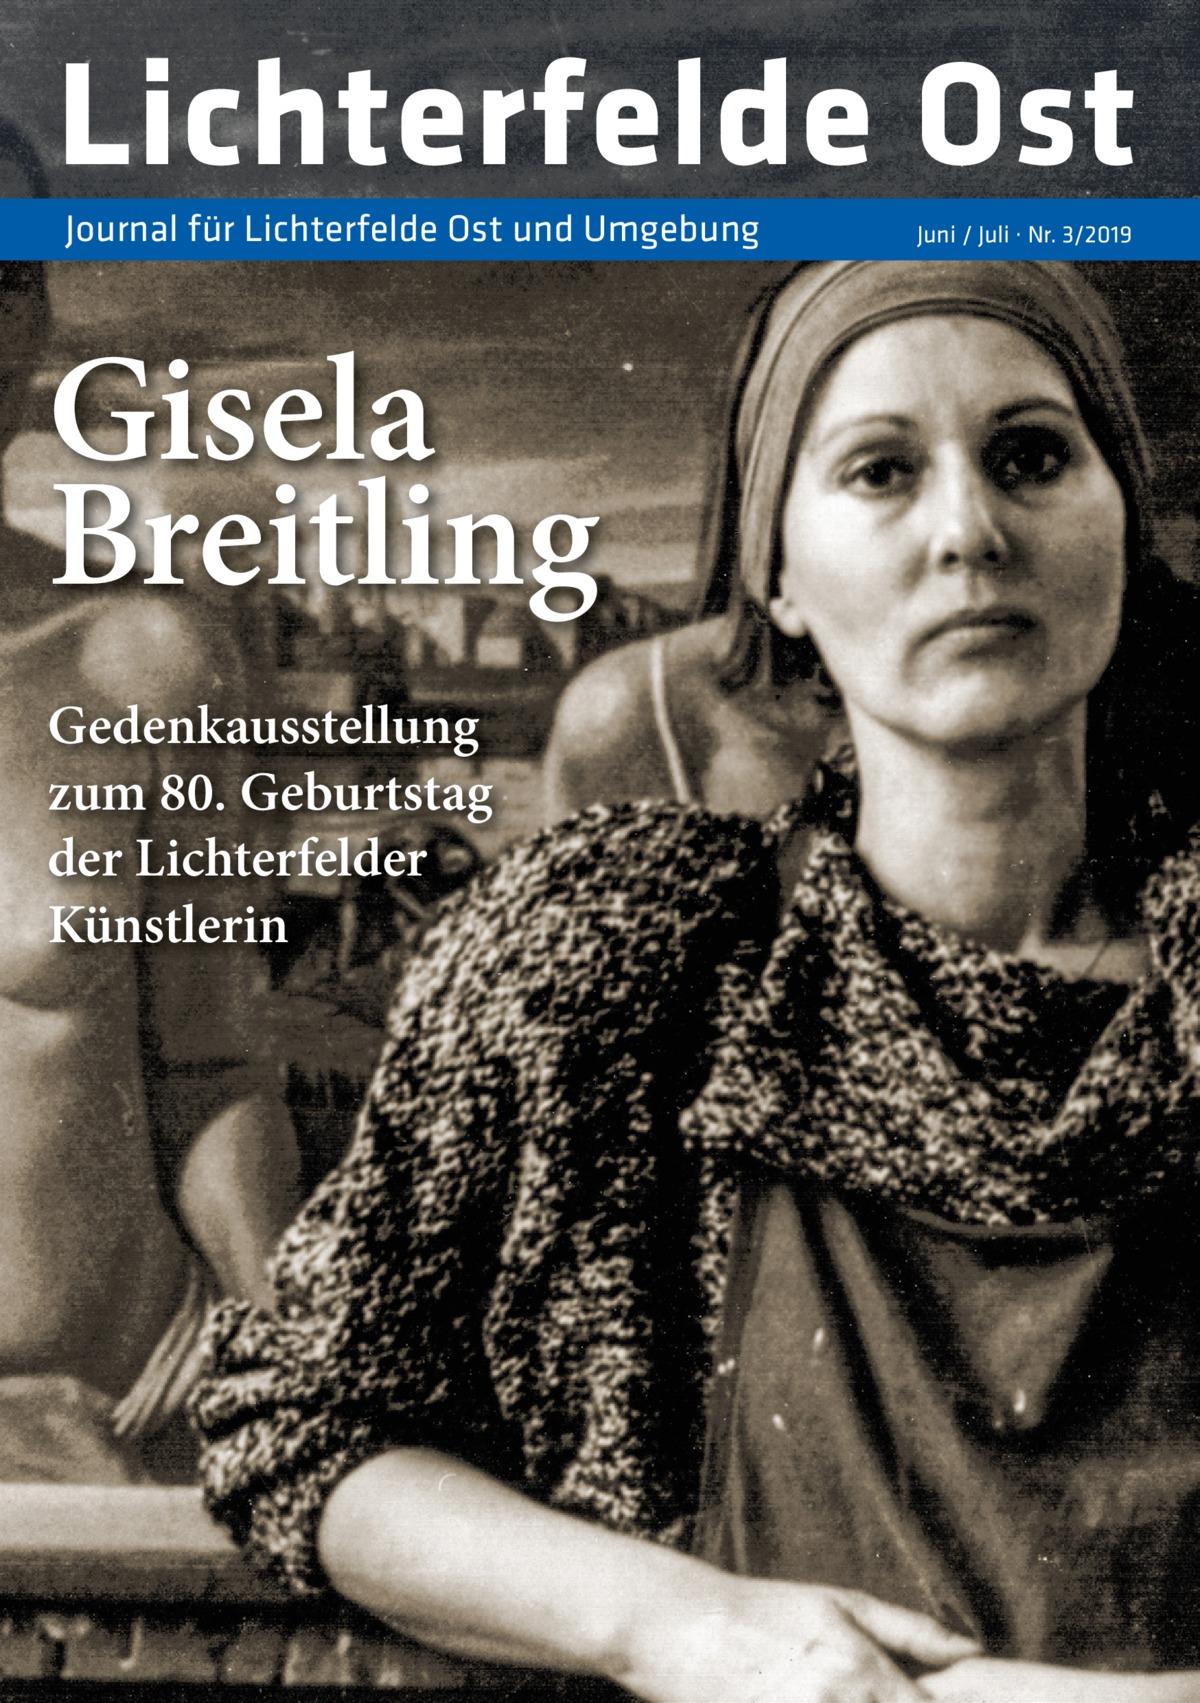 Lichterfelde Ost Journal für Lichterfelde Ost und Umgebung  Gisela Breitling Gedenkausstellung zum 80.Geburtstag der Lichterfelder Künstlerin  Juni / Juli · Nr. 3/2019